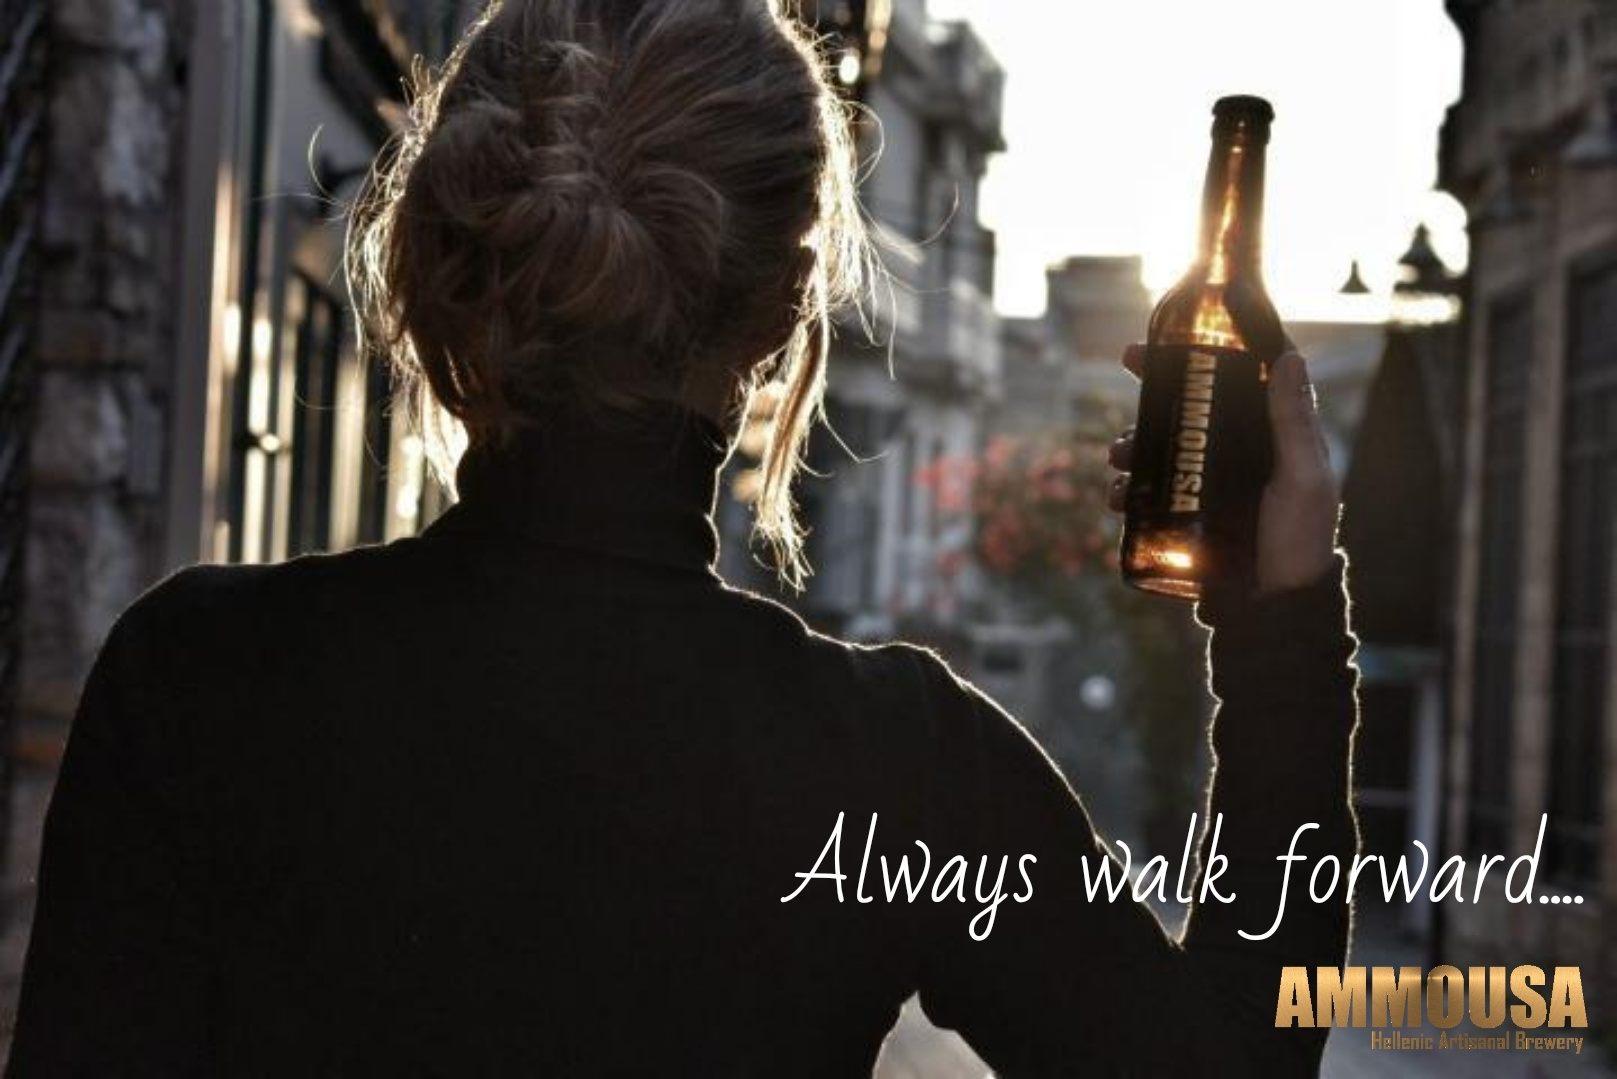 ammousa beer